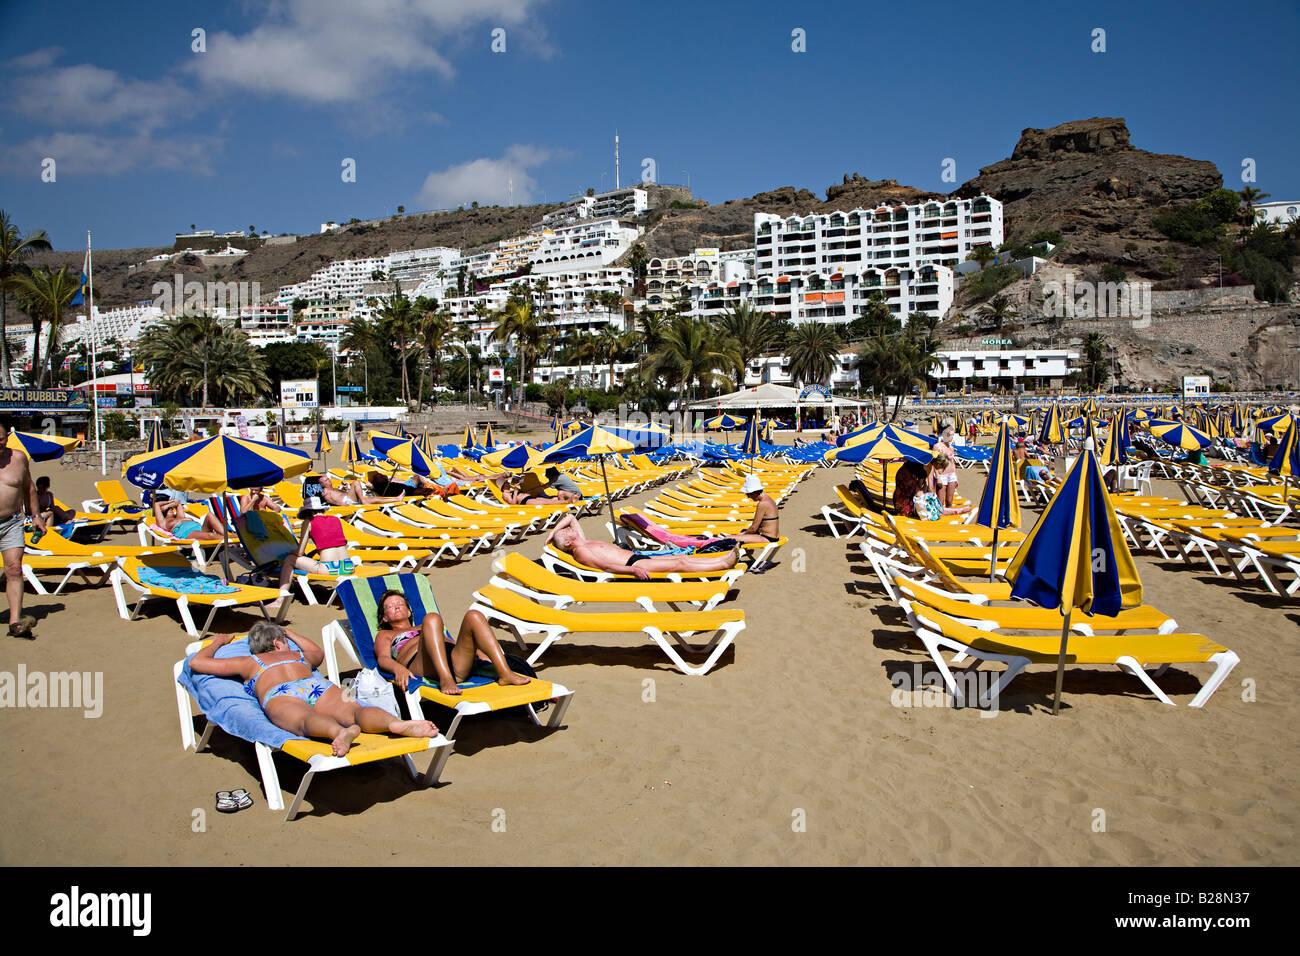 Menschen am Strand liegen mit Resort Ferienwohnungen auf Hügel Puerto Rico Gran Canaria Spanien Stockbild